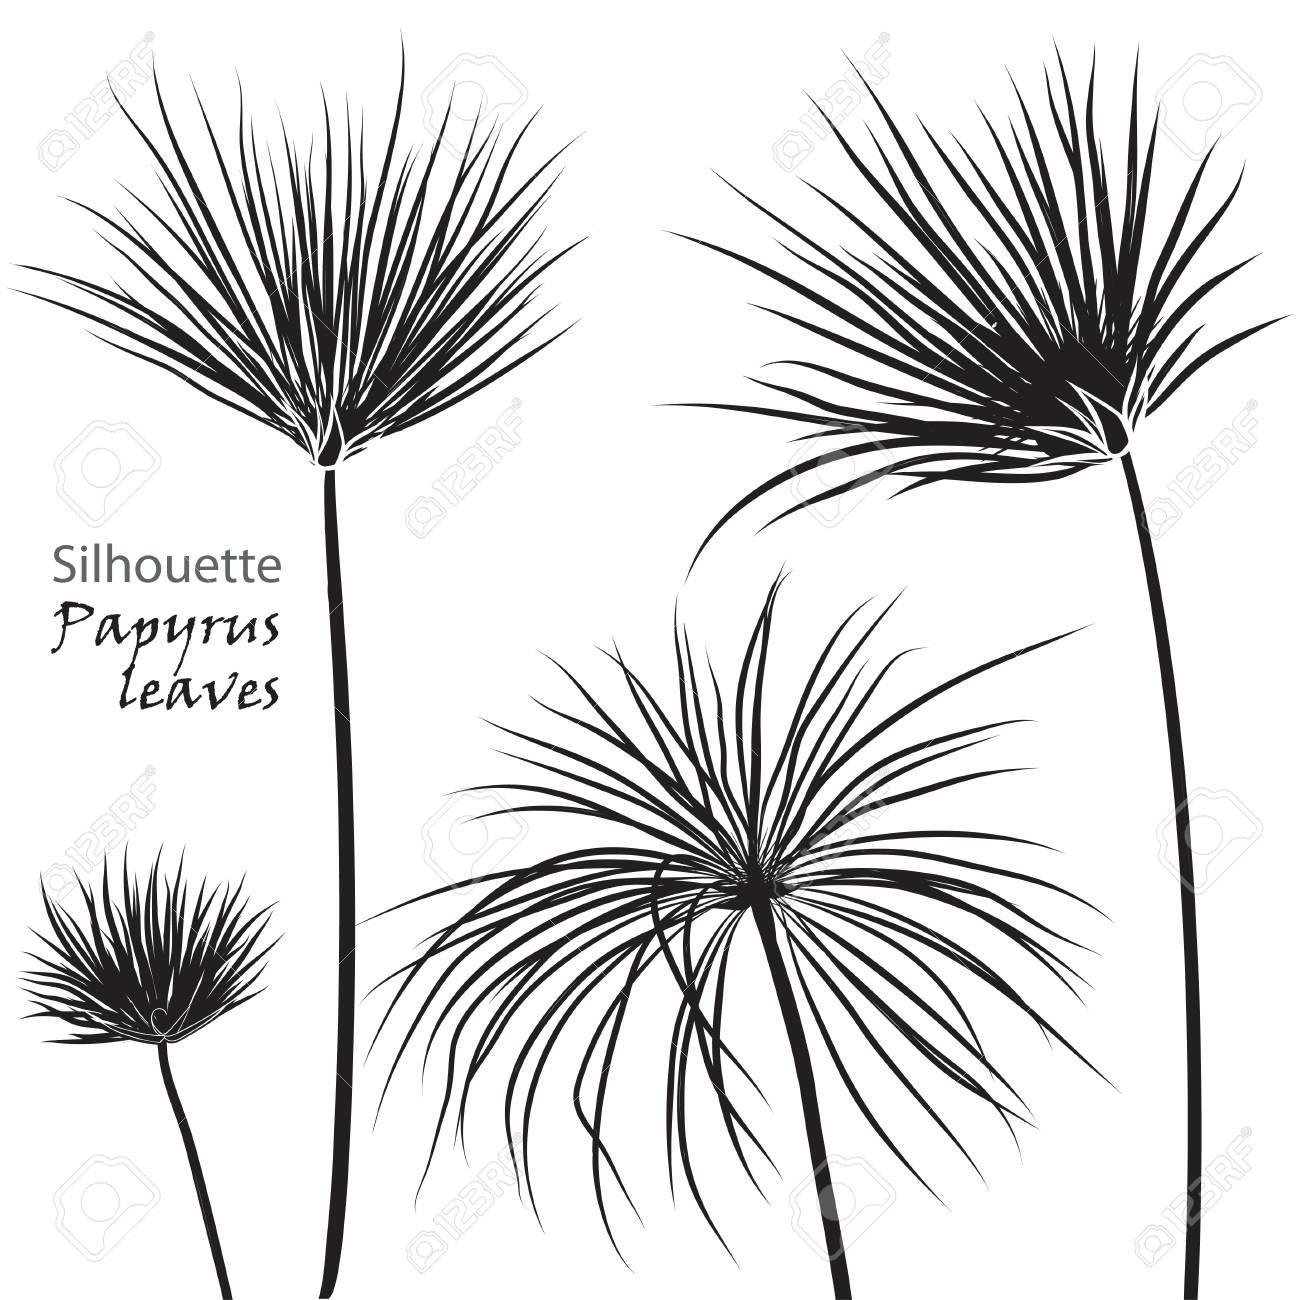 Feuilles De Papyrus Palm Tropical Silhouette Noir Isolé Sur Fond Blanc Illustration Vectorielle